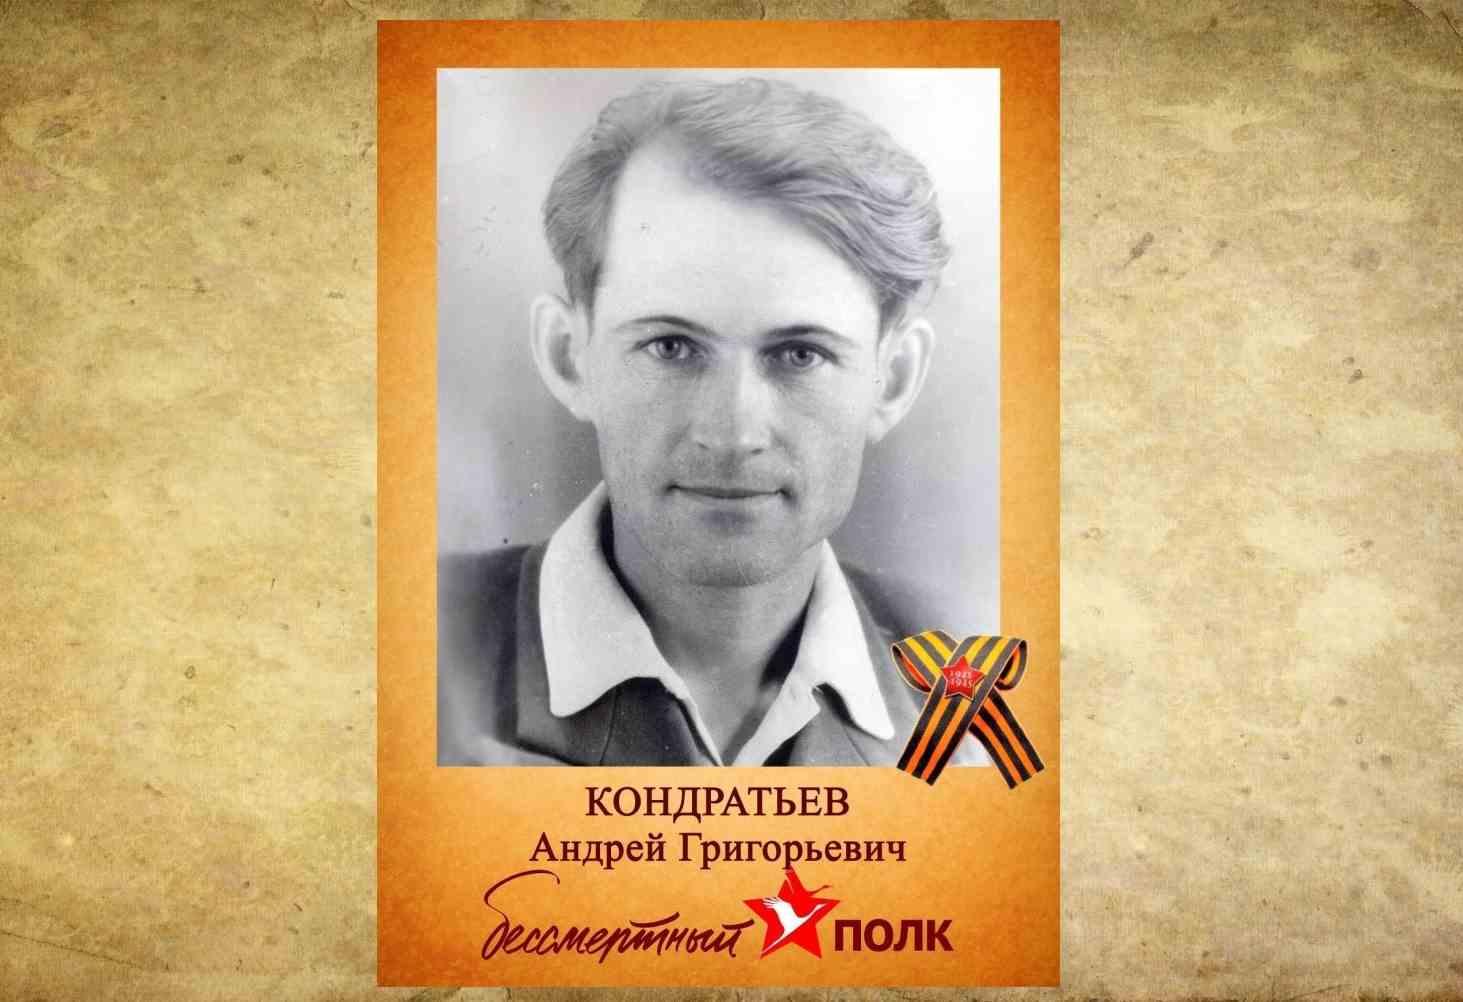 kondratev-andrej-grigorevich